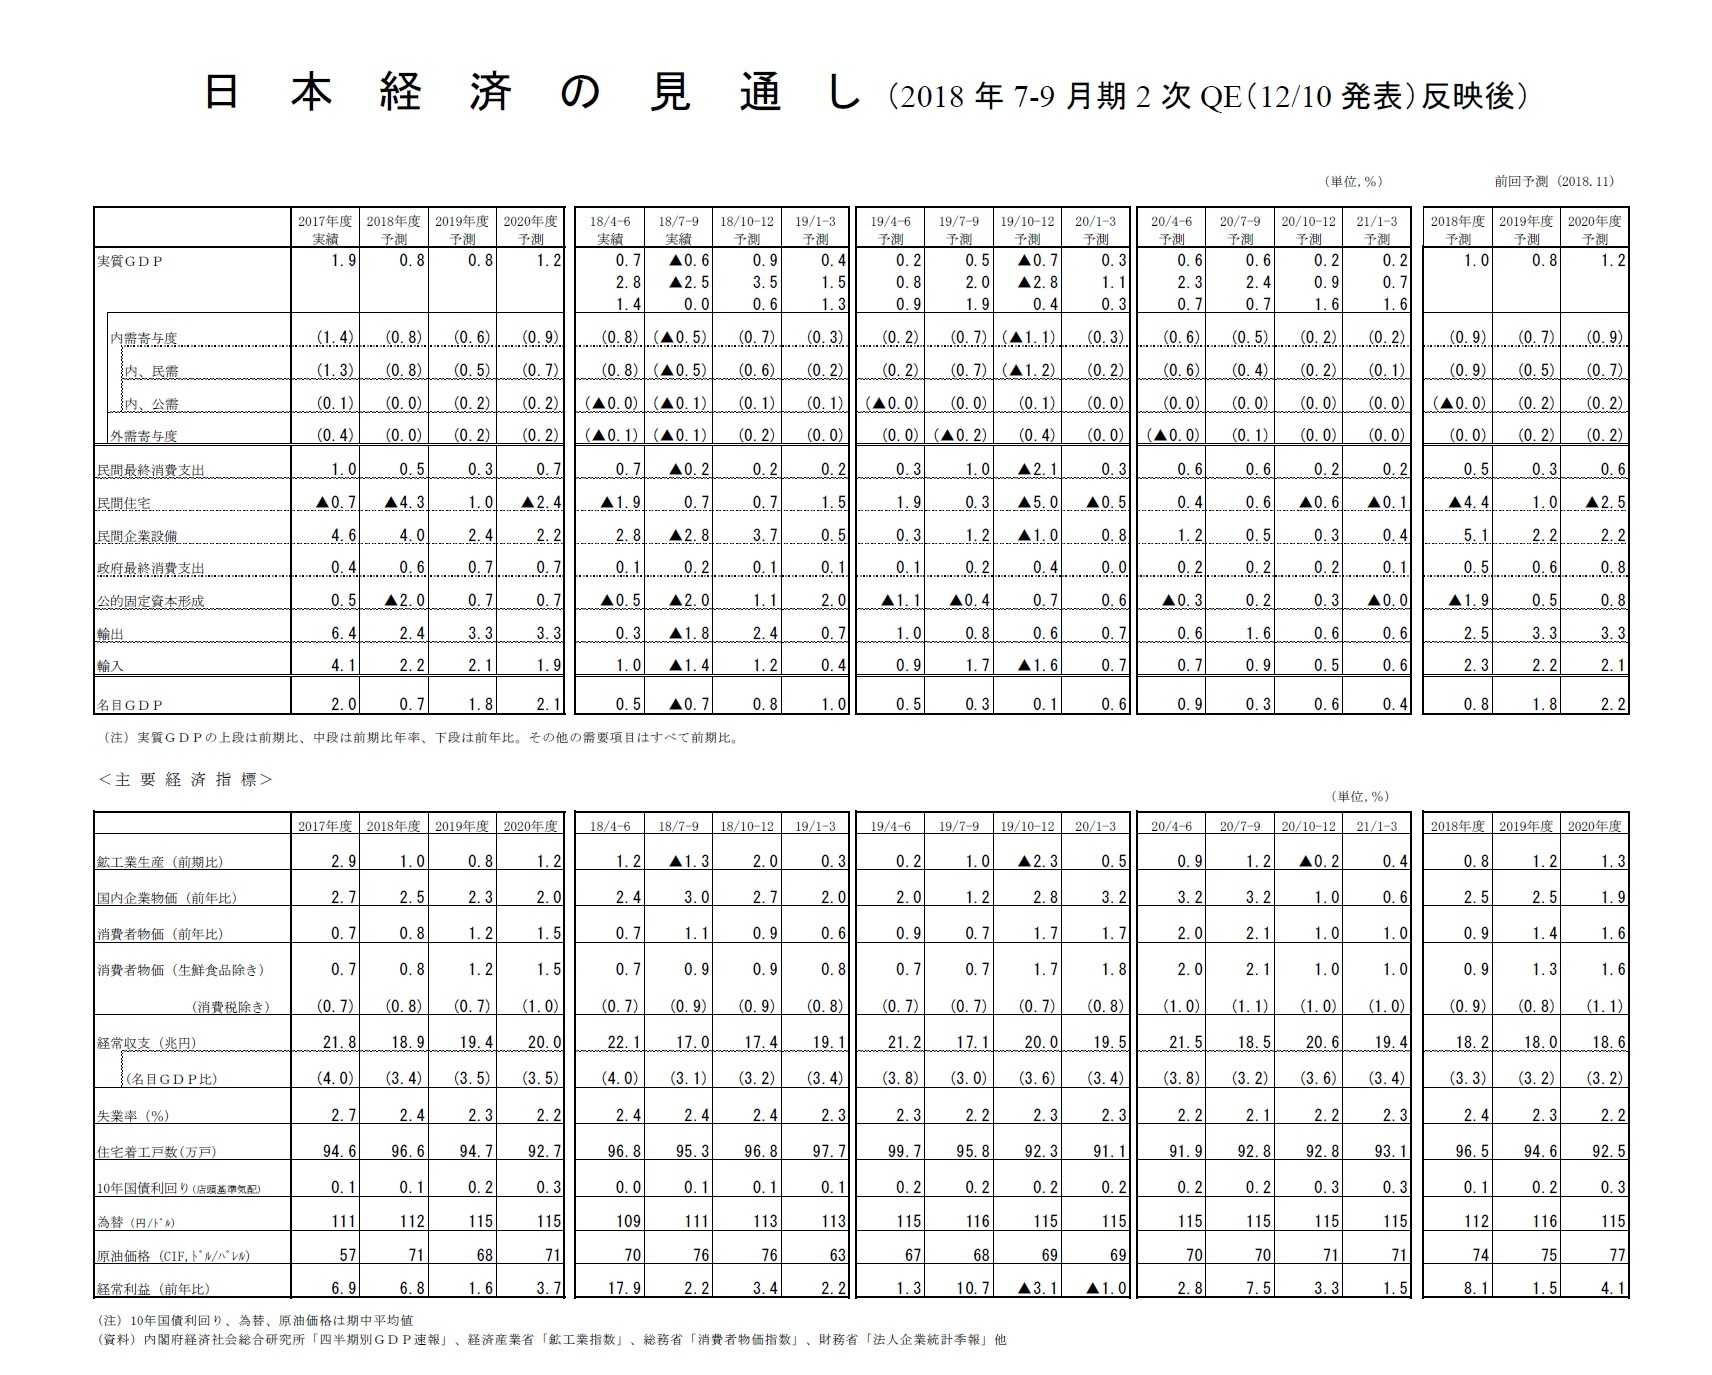 日本経済の見通し(2018年7-9月期2次QE(12/10発表)反映後)